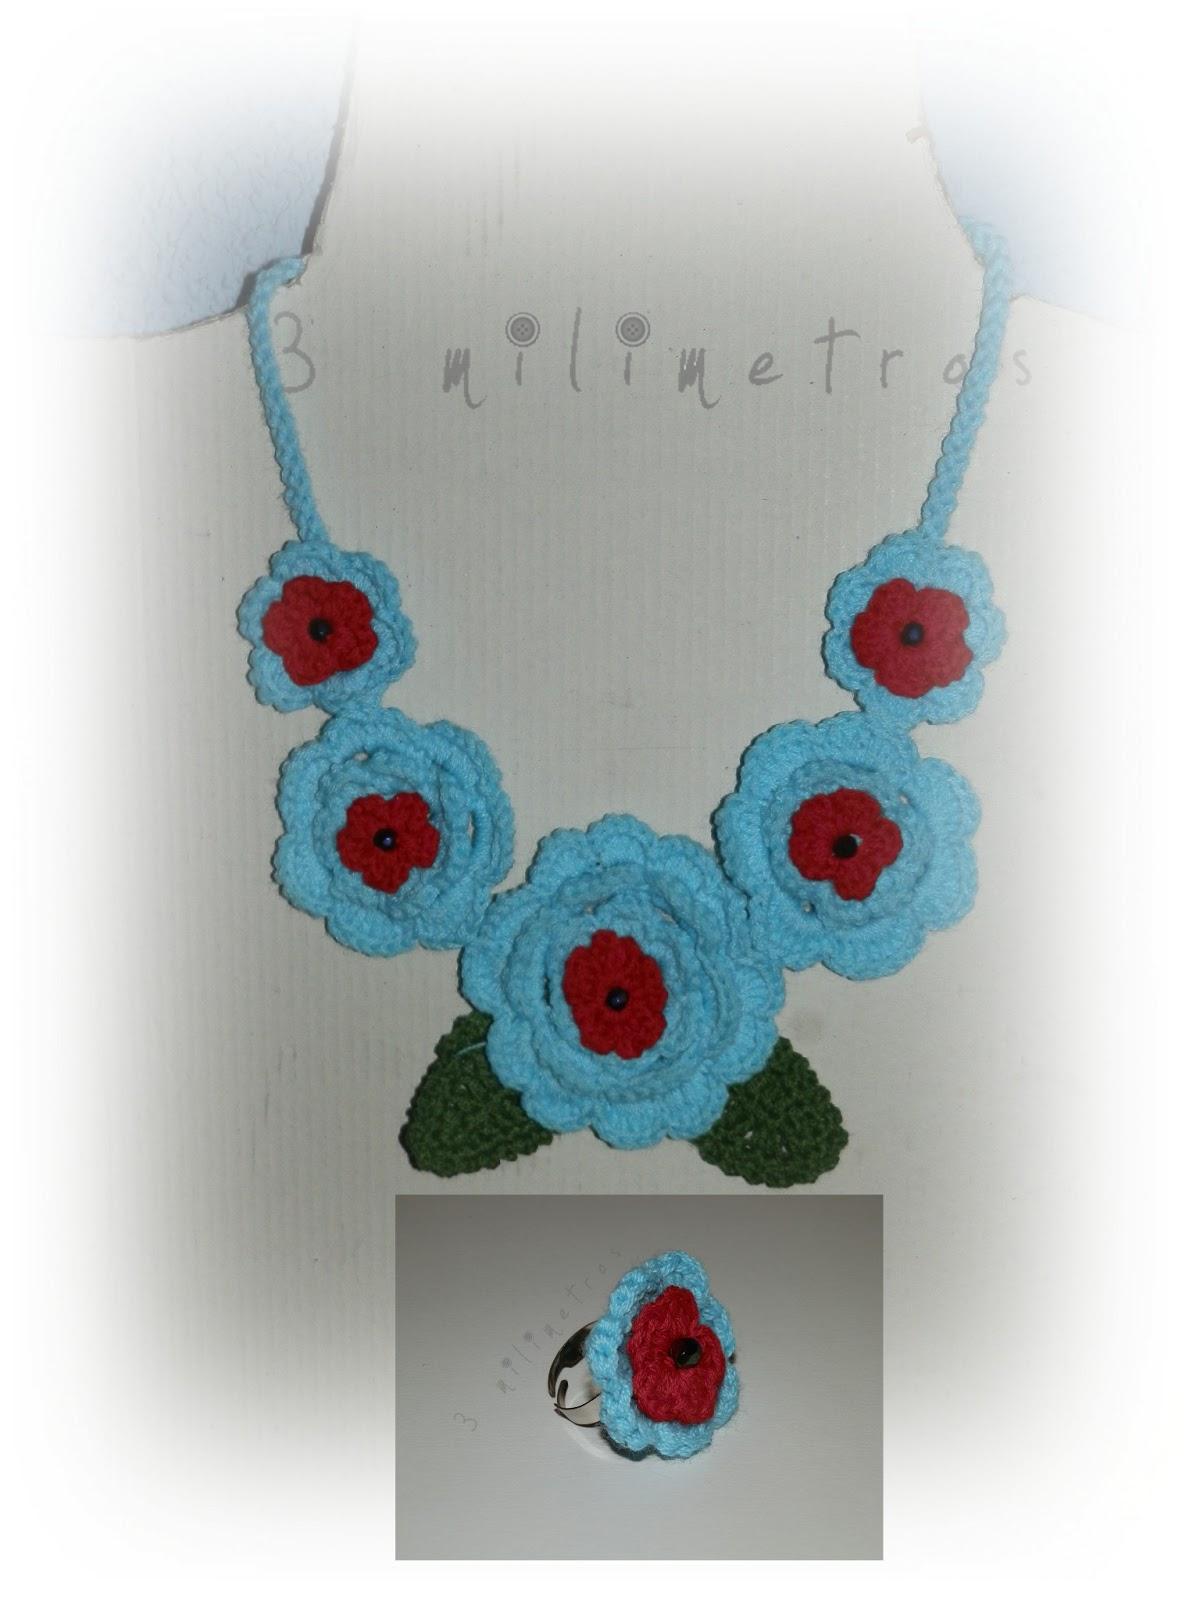 65259d11f388 Collar gargantilla 5 rosas azul y rojo con piedras facetadas y anillo a  juego.Cadena de cordón trenzado.